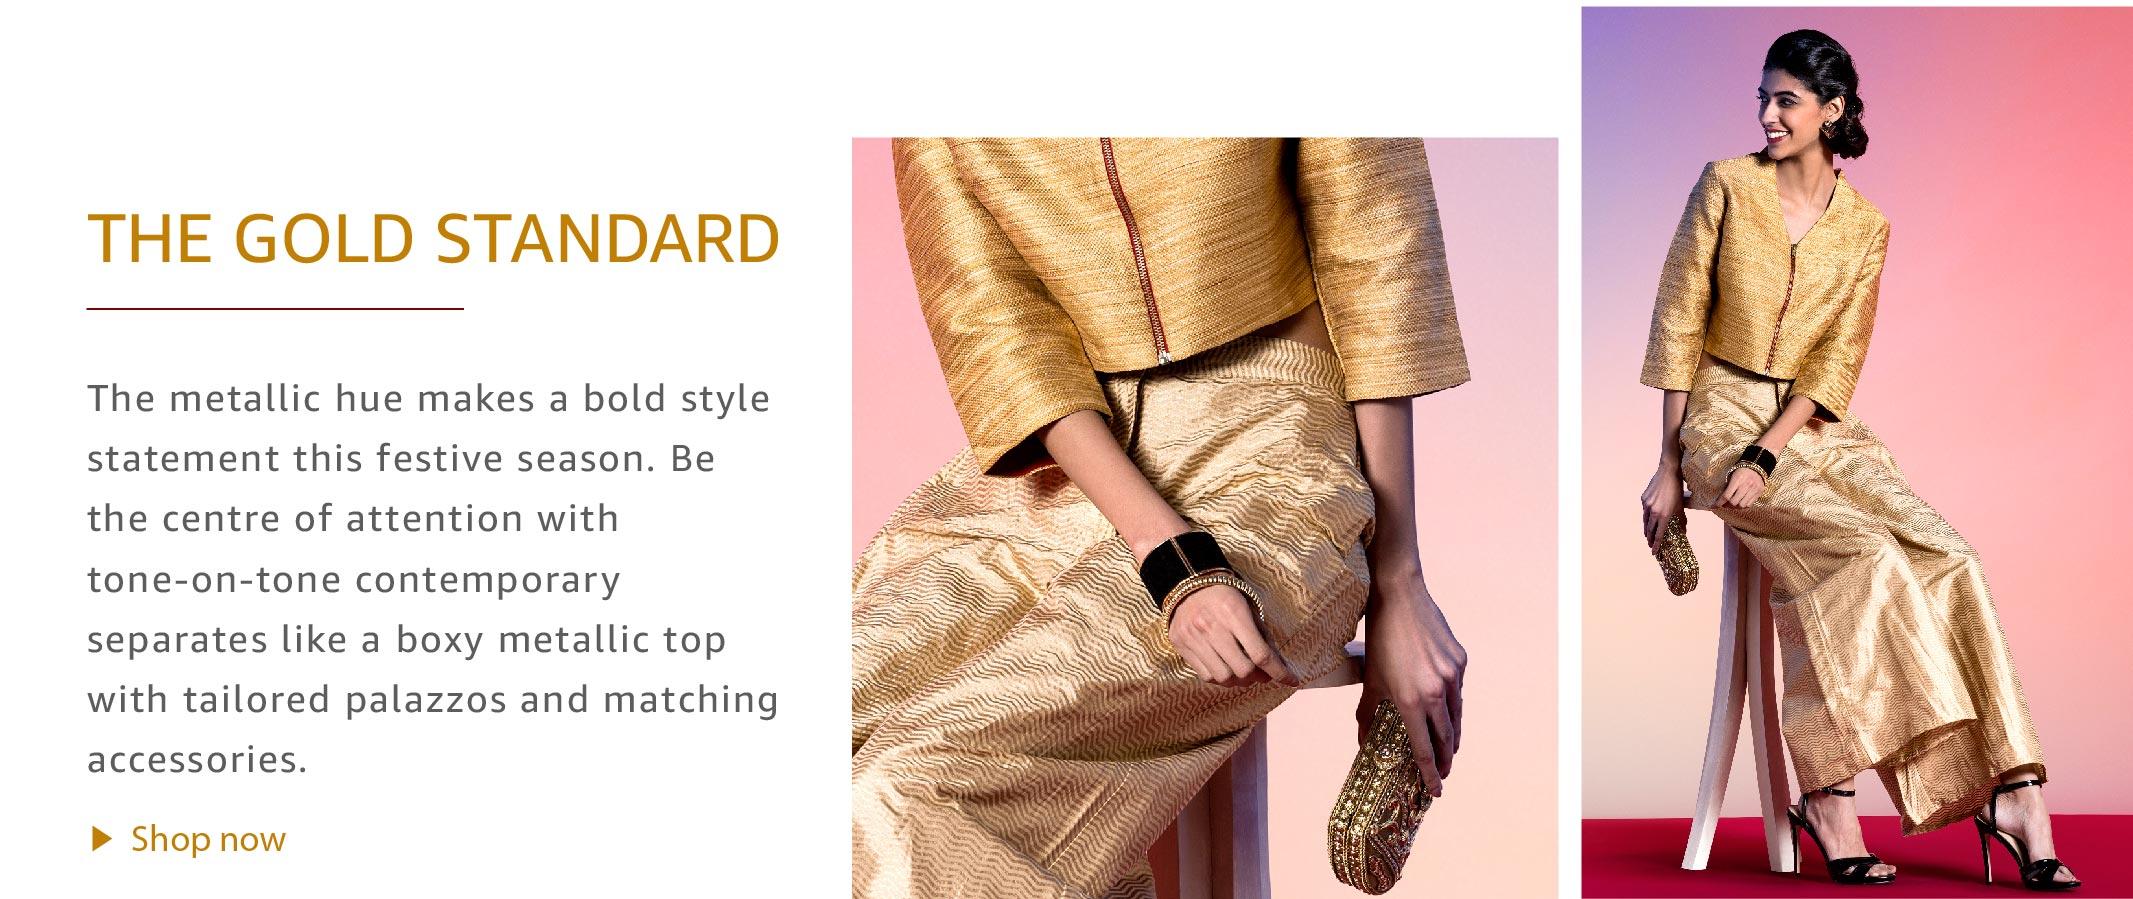 Ženska moda Kupite oblačila, obutev, nakit za-1092